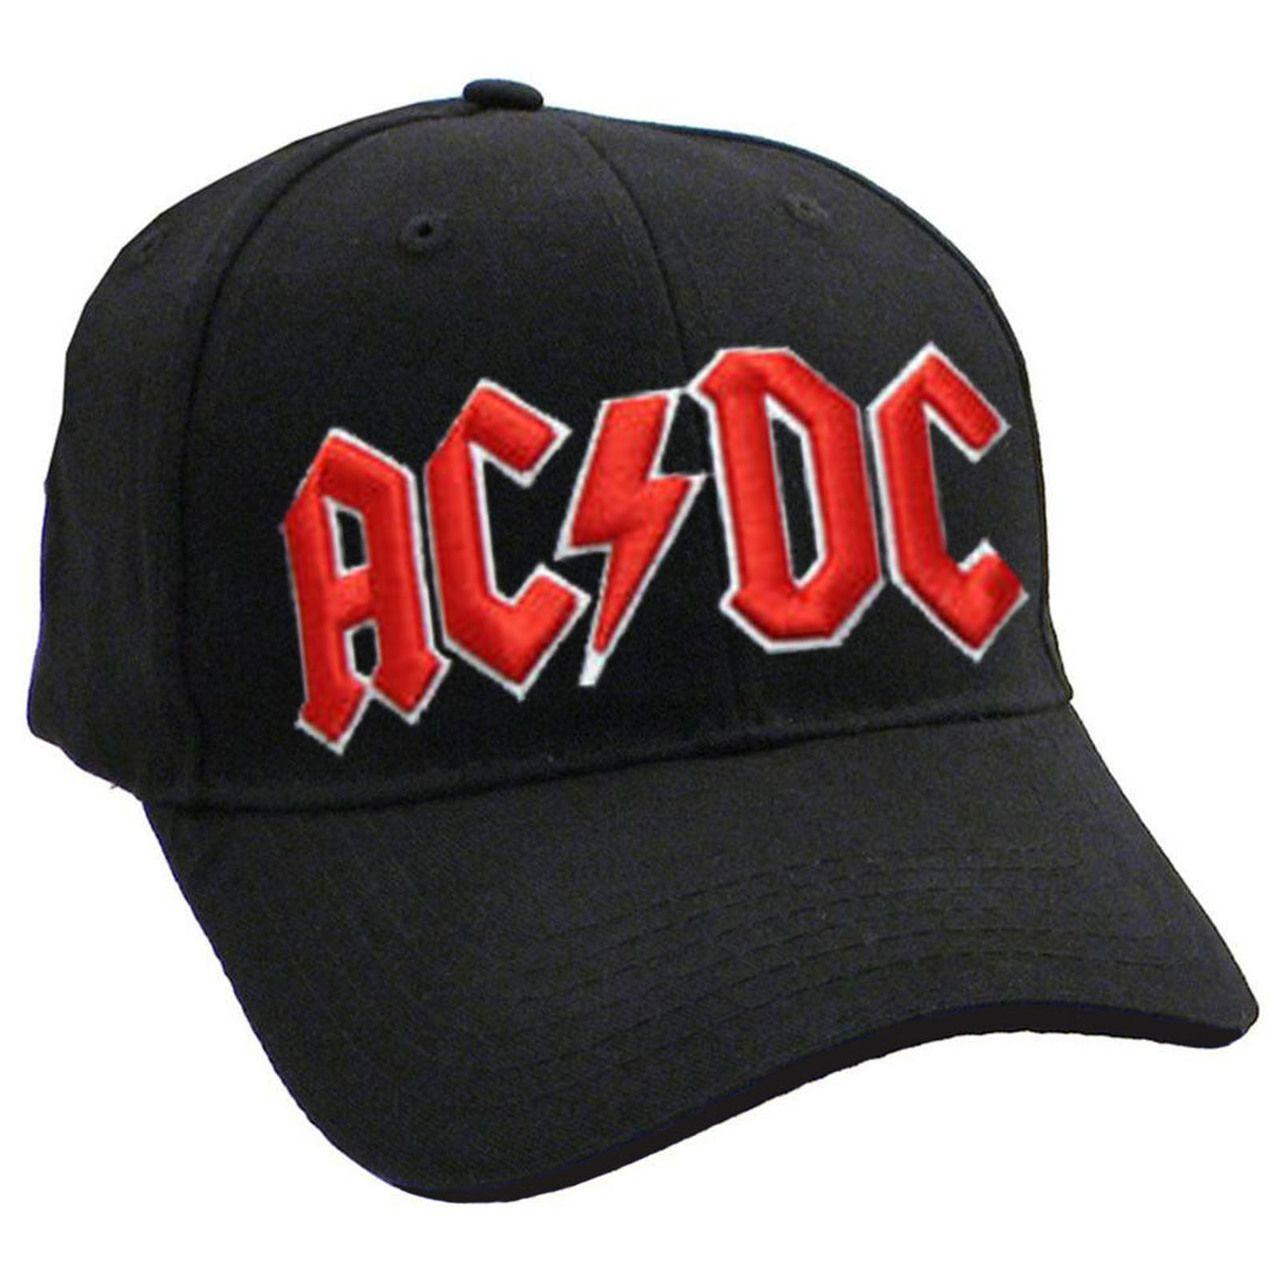 e9b3eda590c23 AC DC Classic Red On White Logo Black Frayed Baseball Cap - Paradiso  Clothing